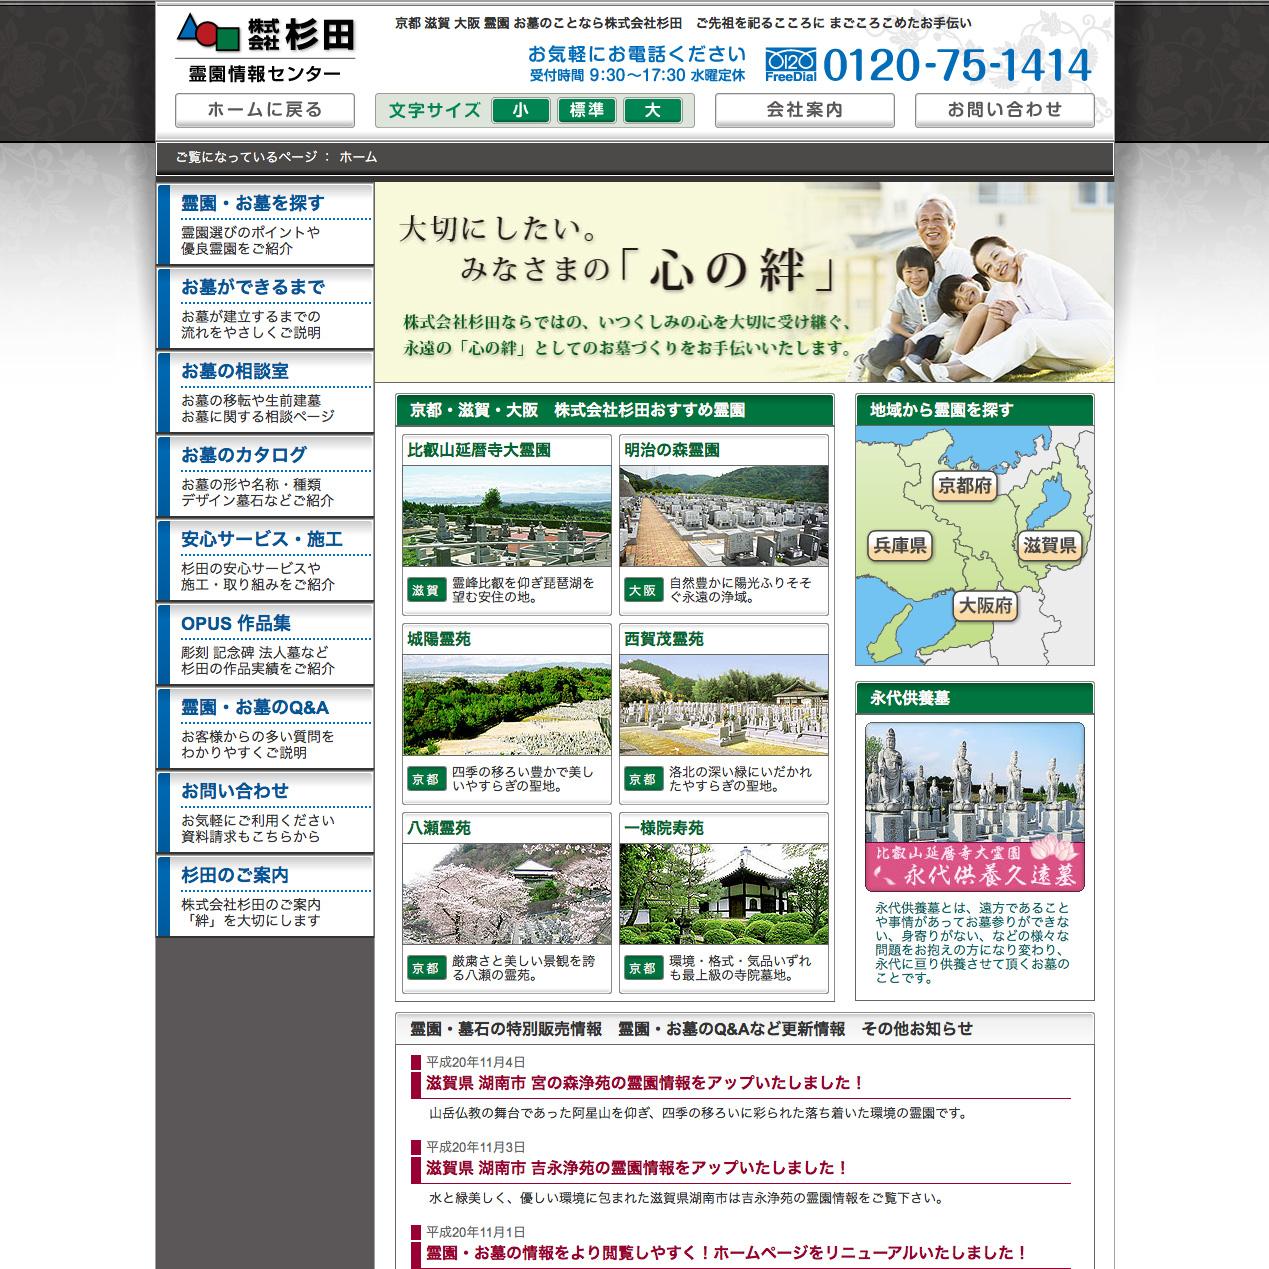 株式会社 杉田のトップページ